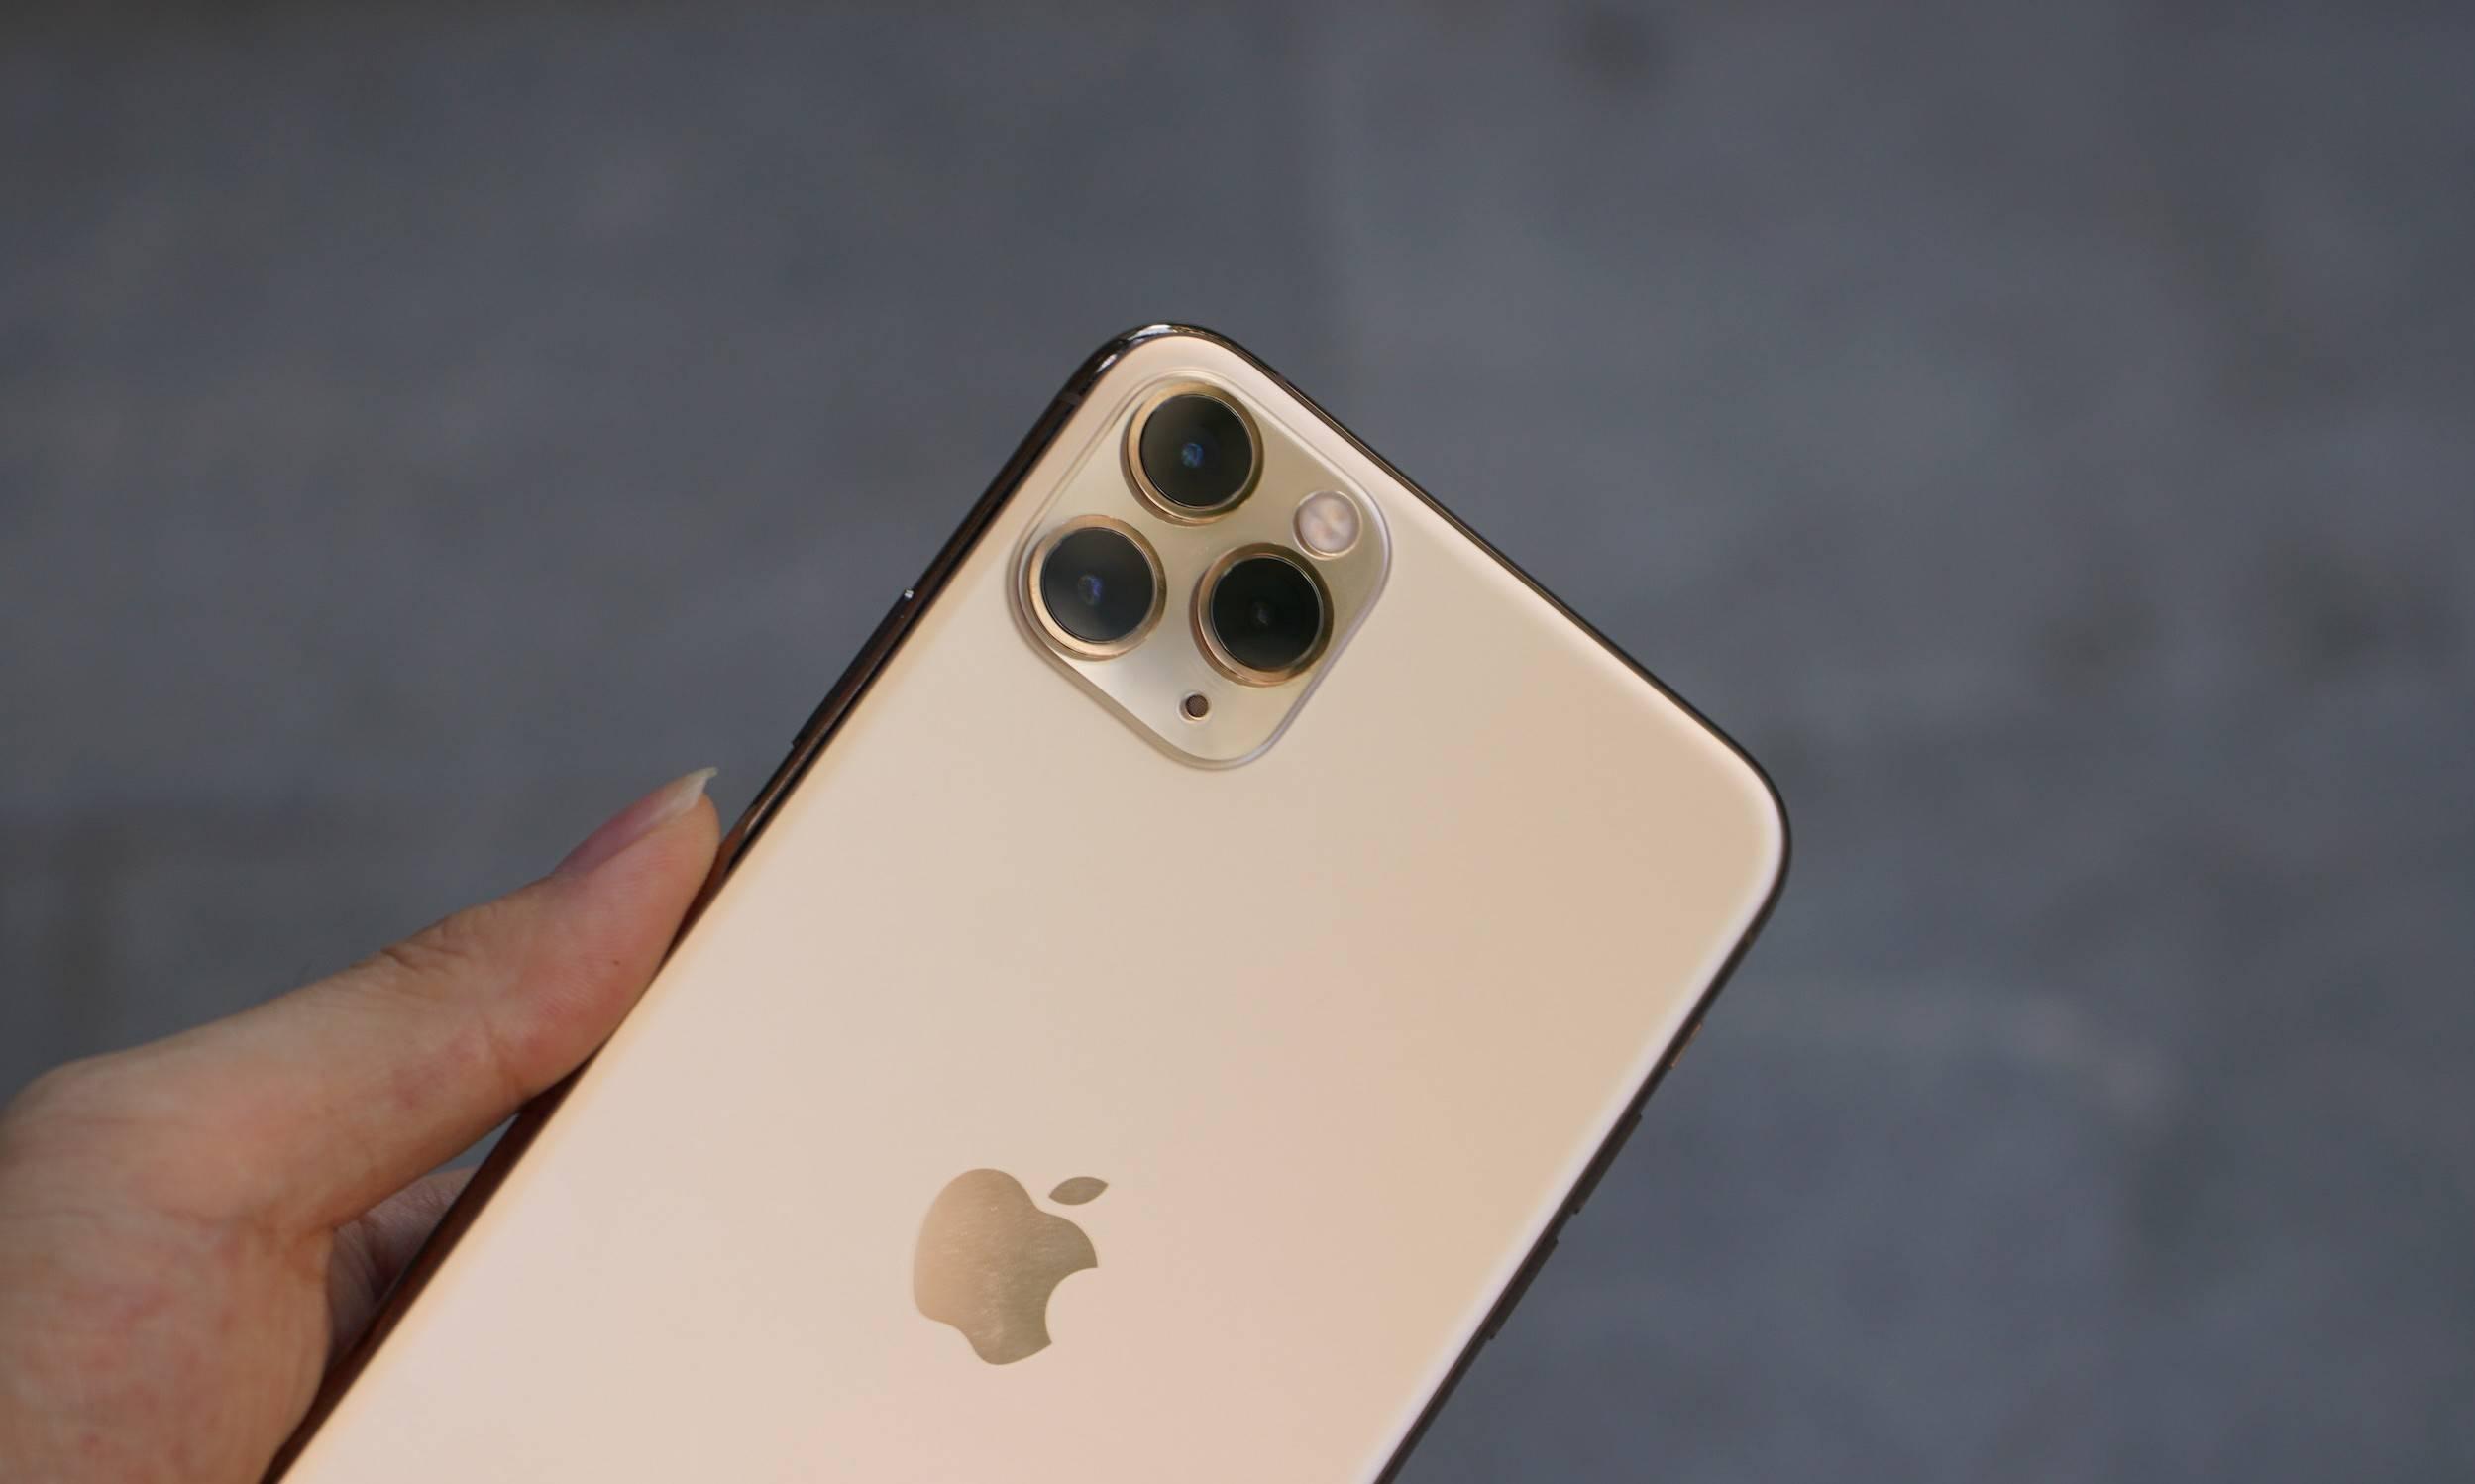 手机行业黑科技频出,为何我们还是要戴套贴膜?